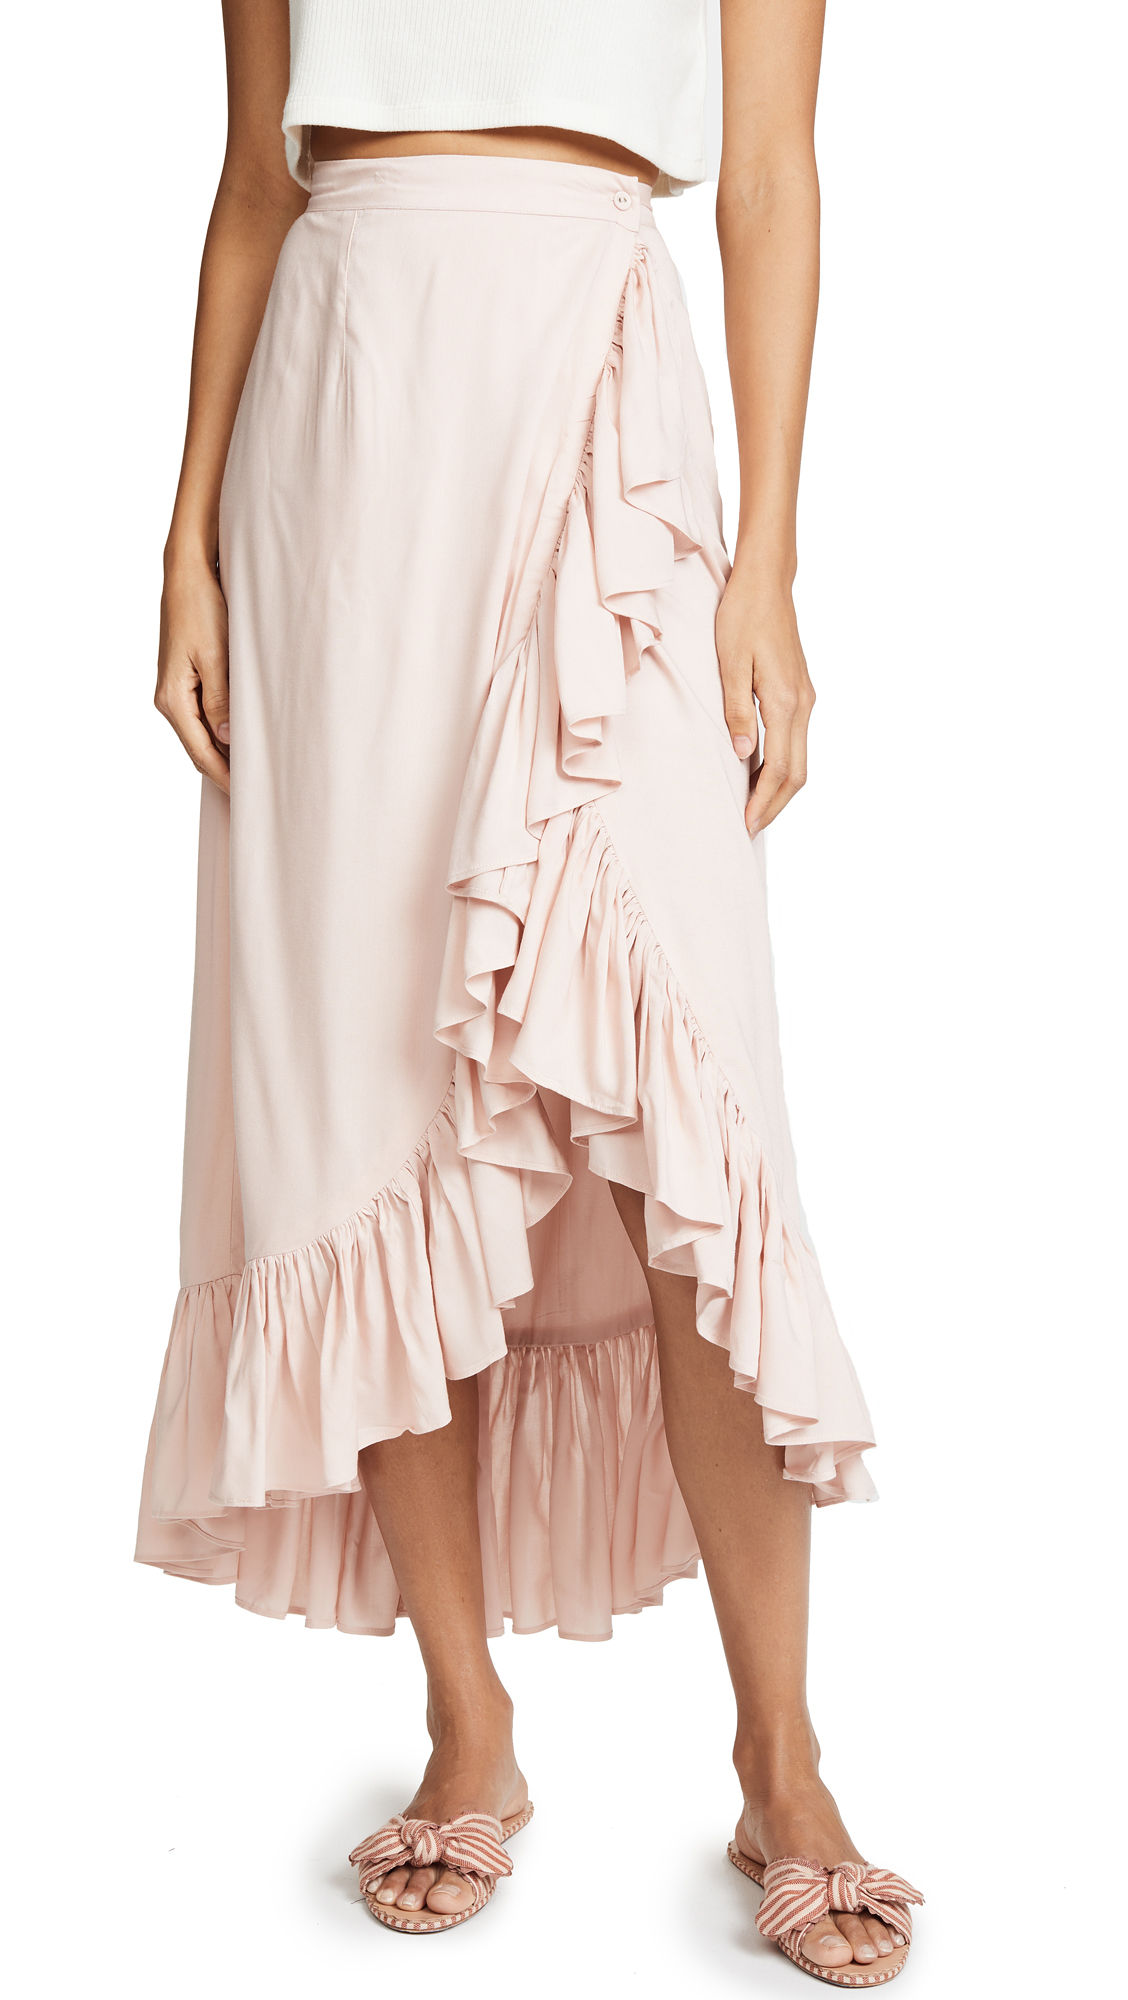 Valencia & Vine Jamie Wrap Skirt In Blush